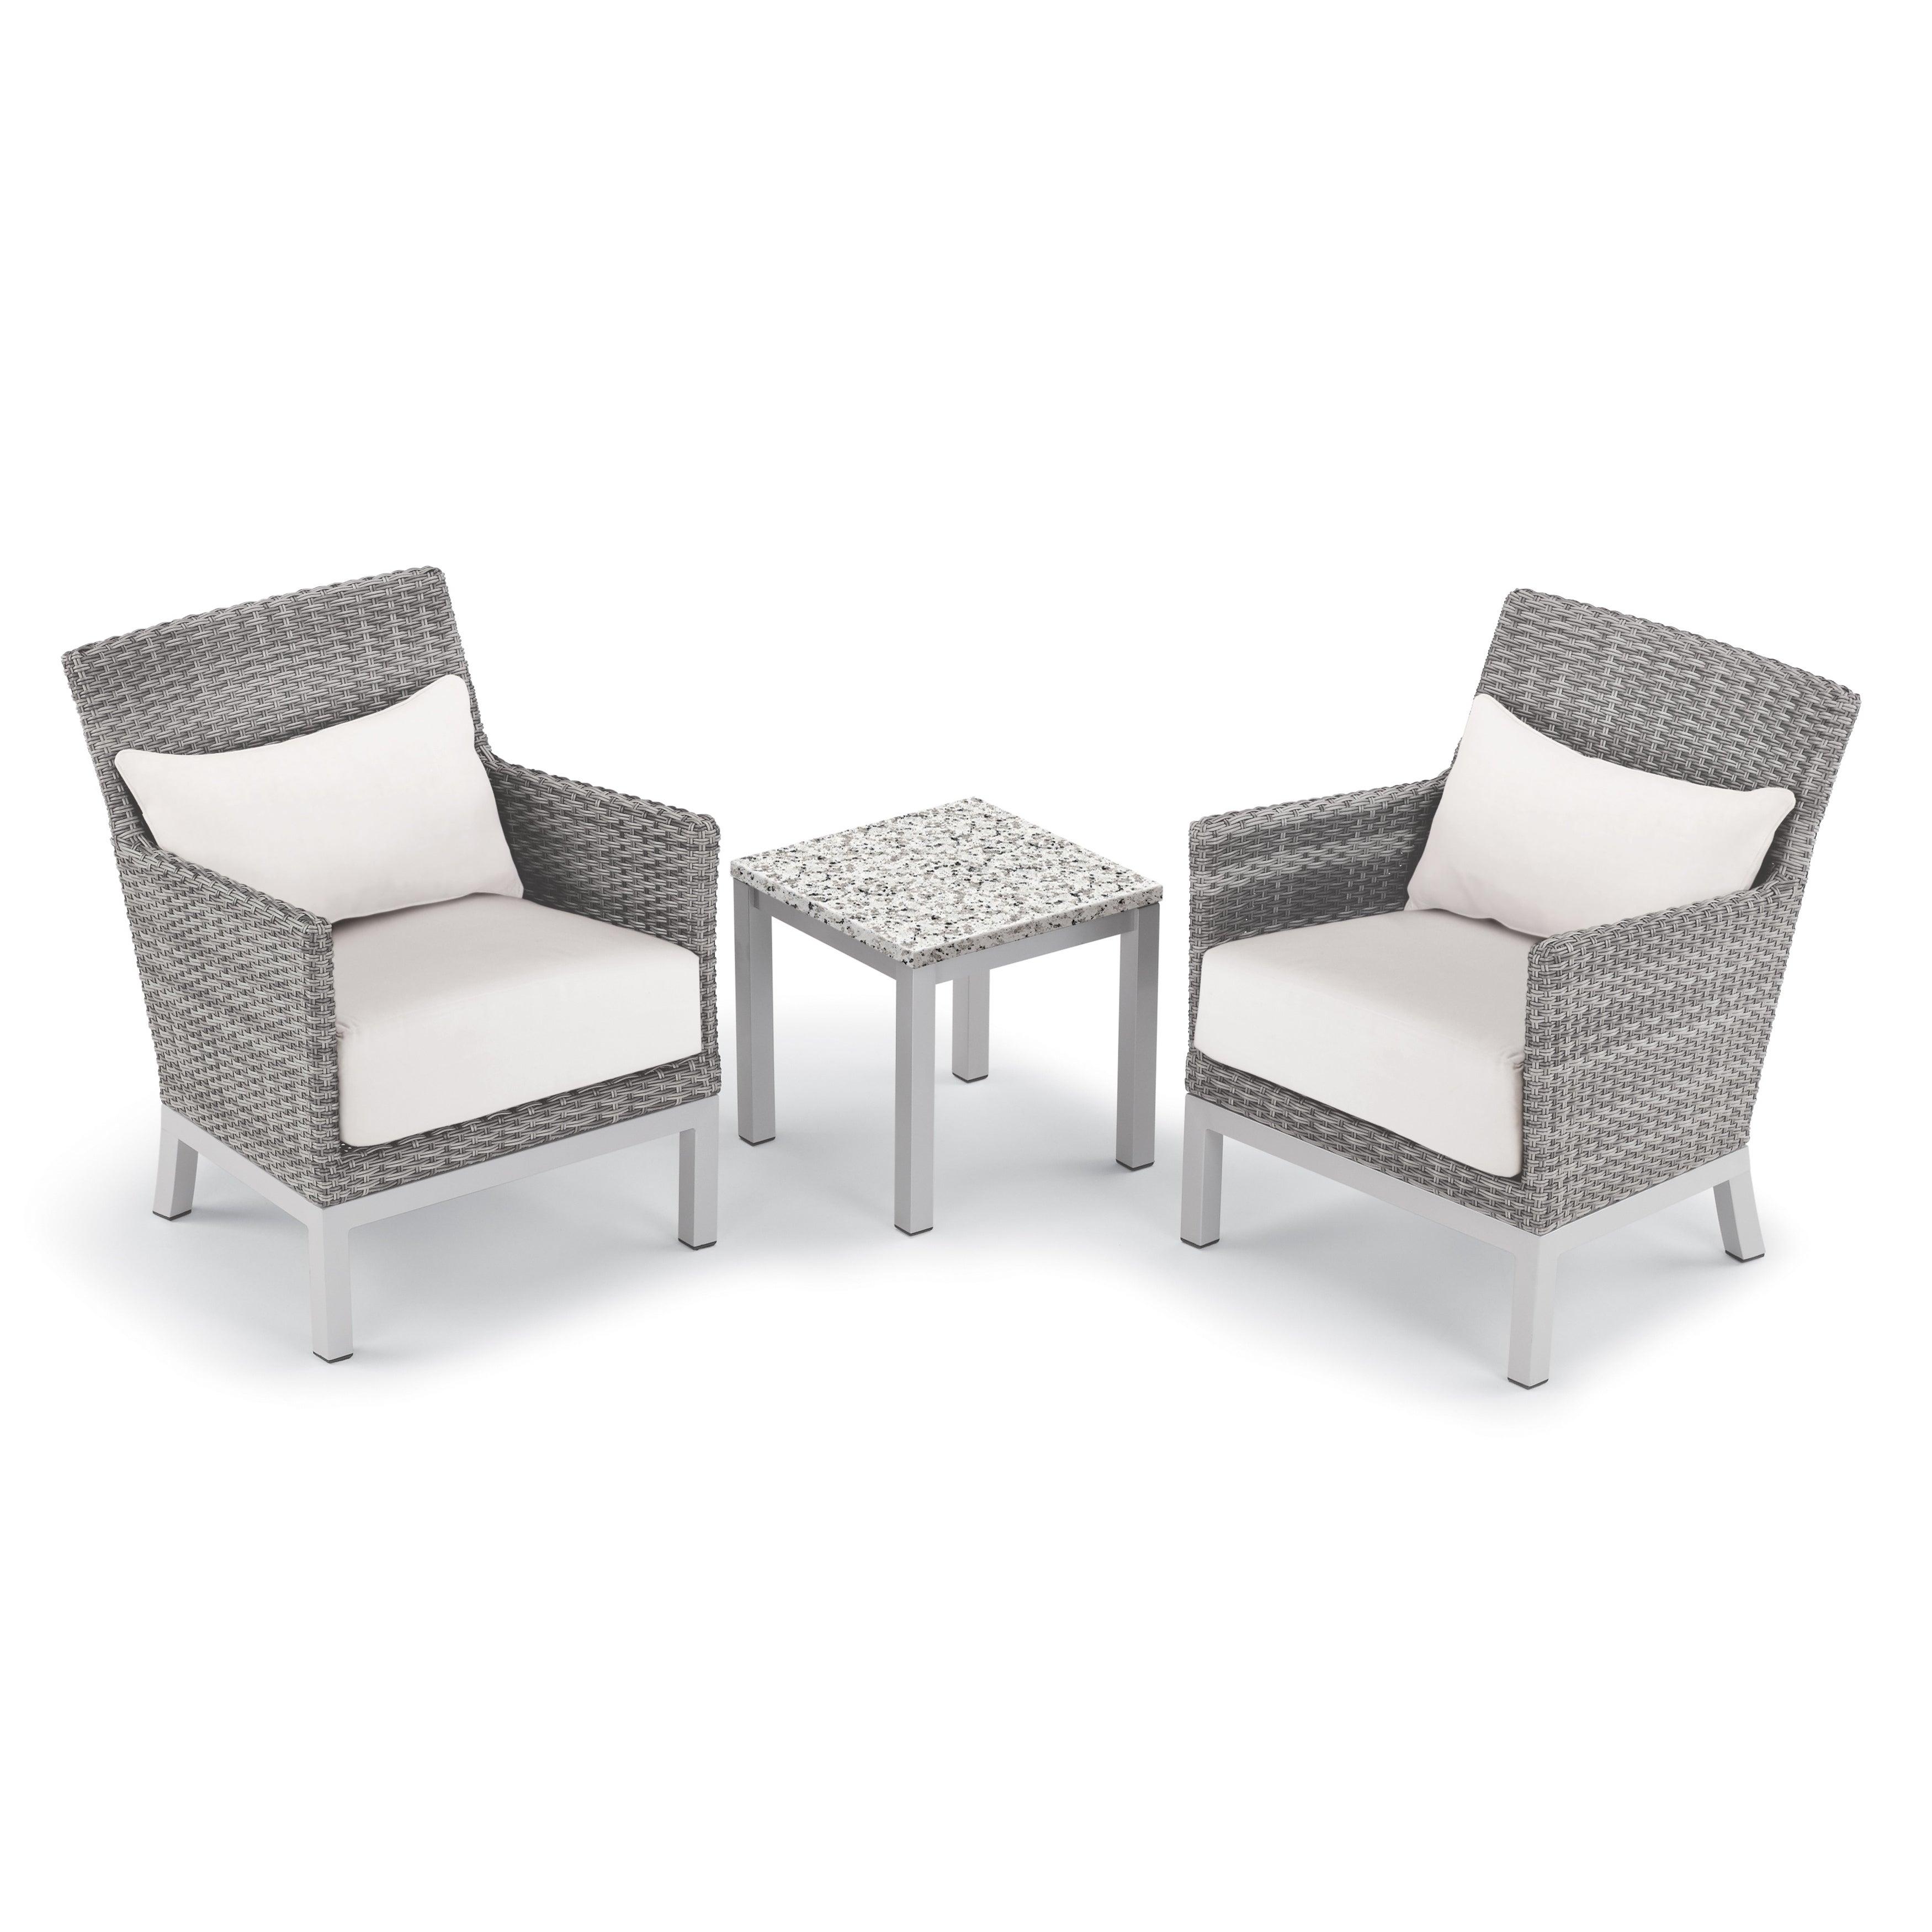 shop oxford garden argento 3 piece resin wicker club chair pillows